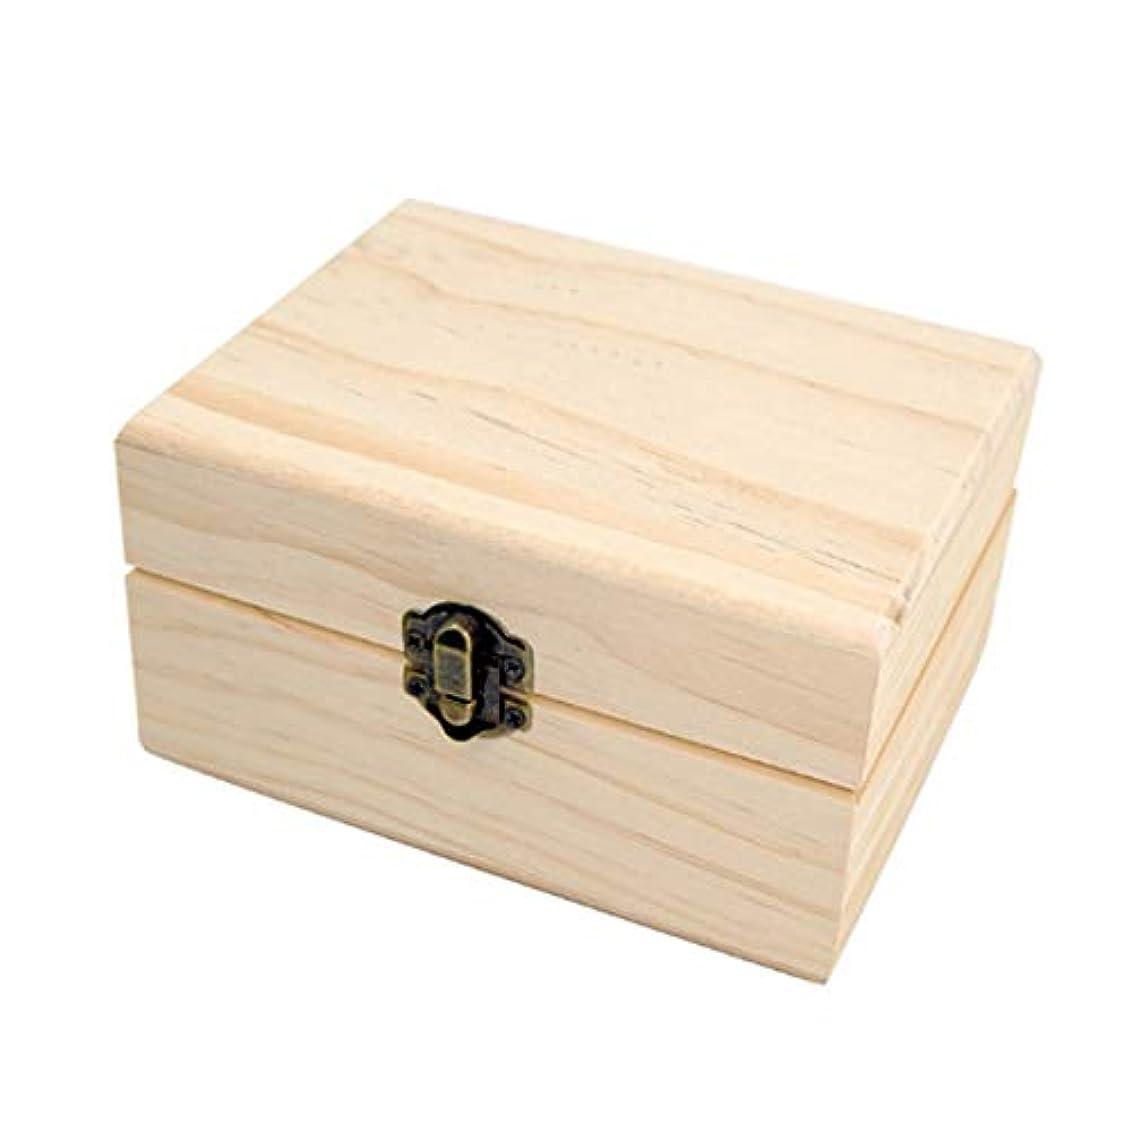 ありがたい残酷申し立てるフェリモア エッセンシャルオイル 収納ボックス ボトル用 松 木製 格子状 倒れにくい 12マス (ブラウン)